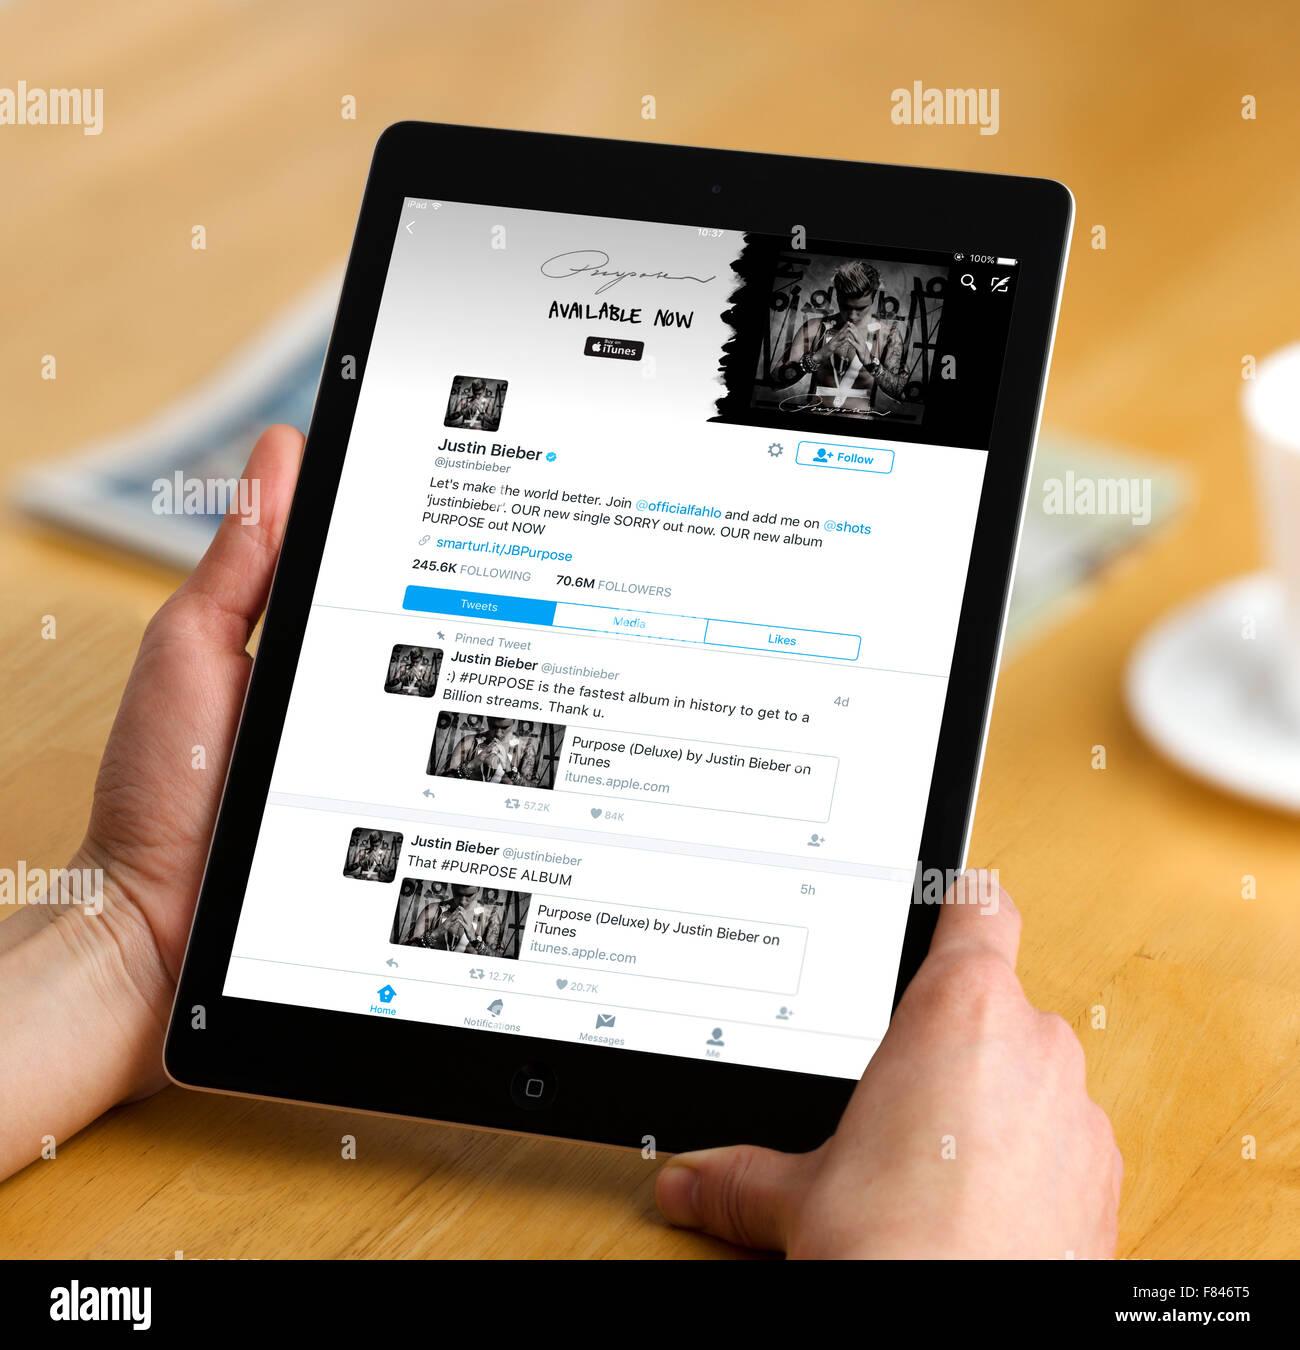 Justin Bieber's home page en la app de Twitter, visto en un iPad Air Imagen De Stock